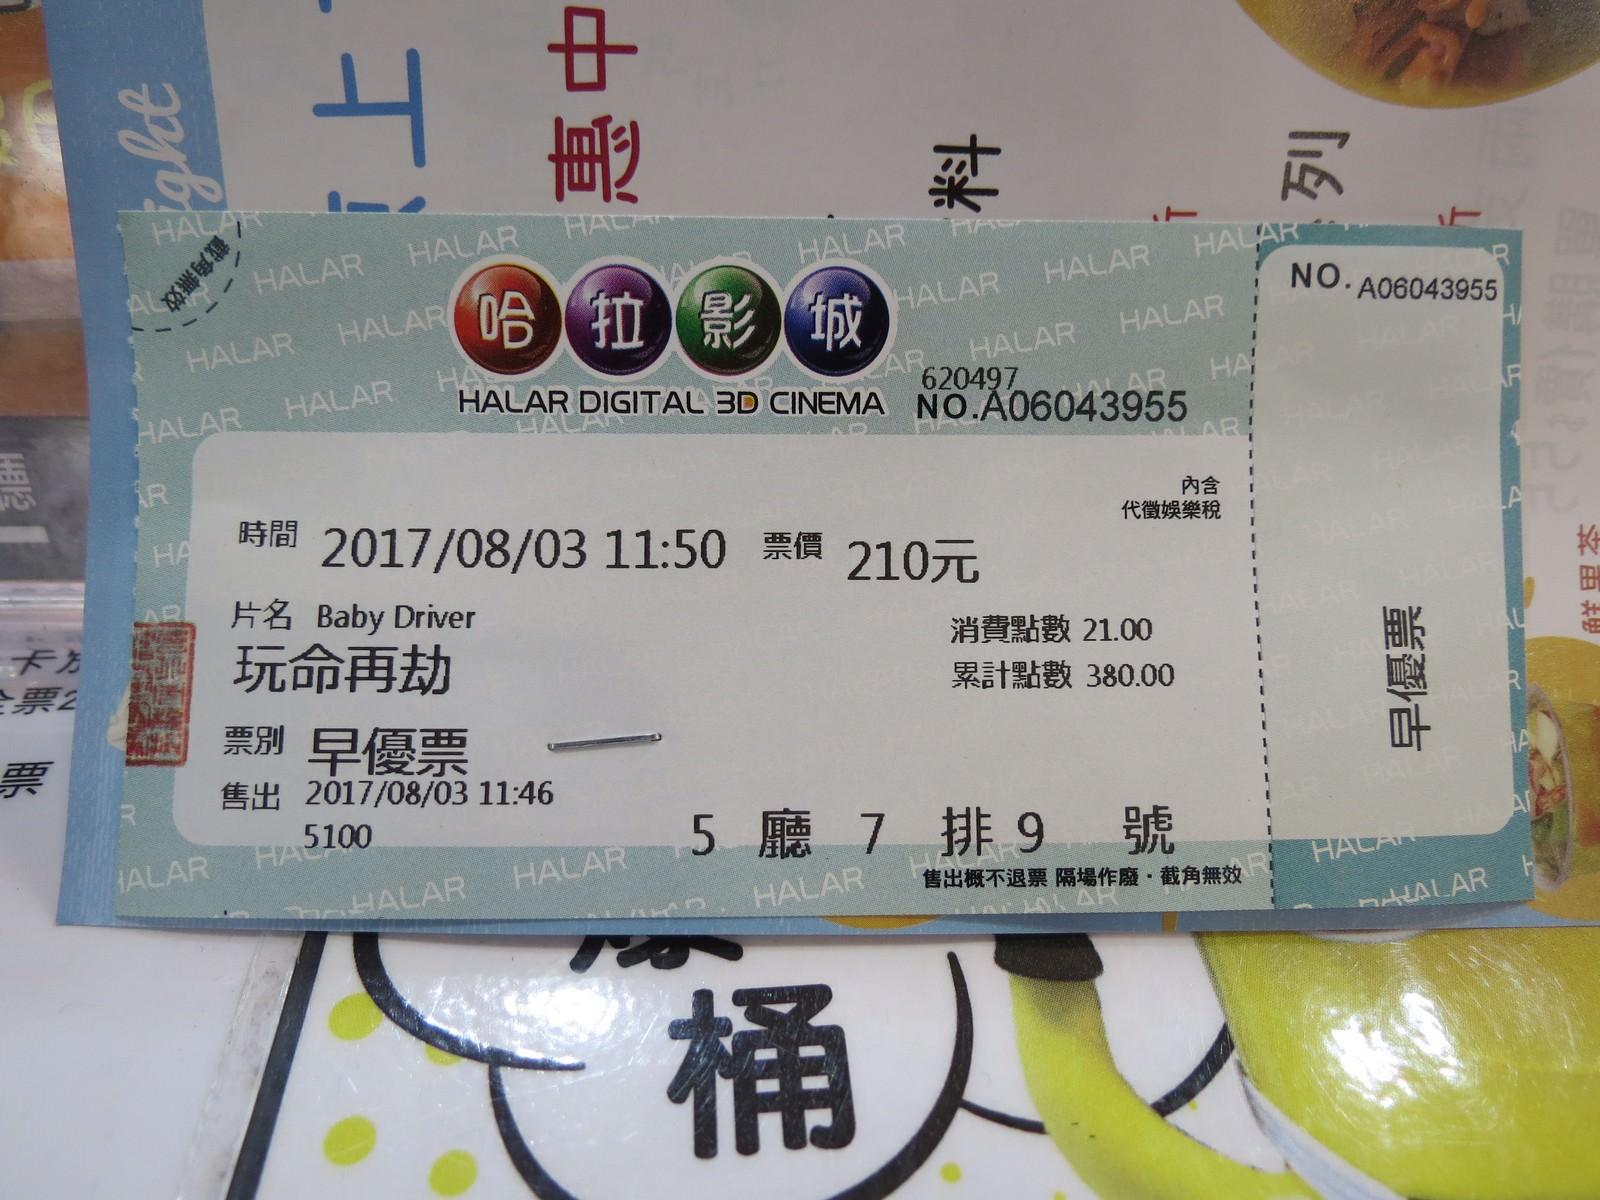 Movie, Baby Driver(美國, 2017年) / 玩命再劫(台灣) / 极盗车神(中國) / 寶貝車神(香港), 電影票